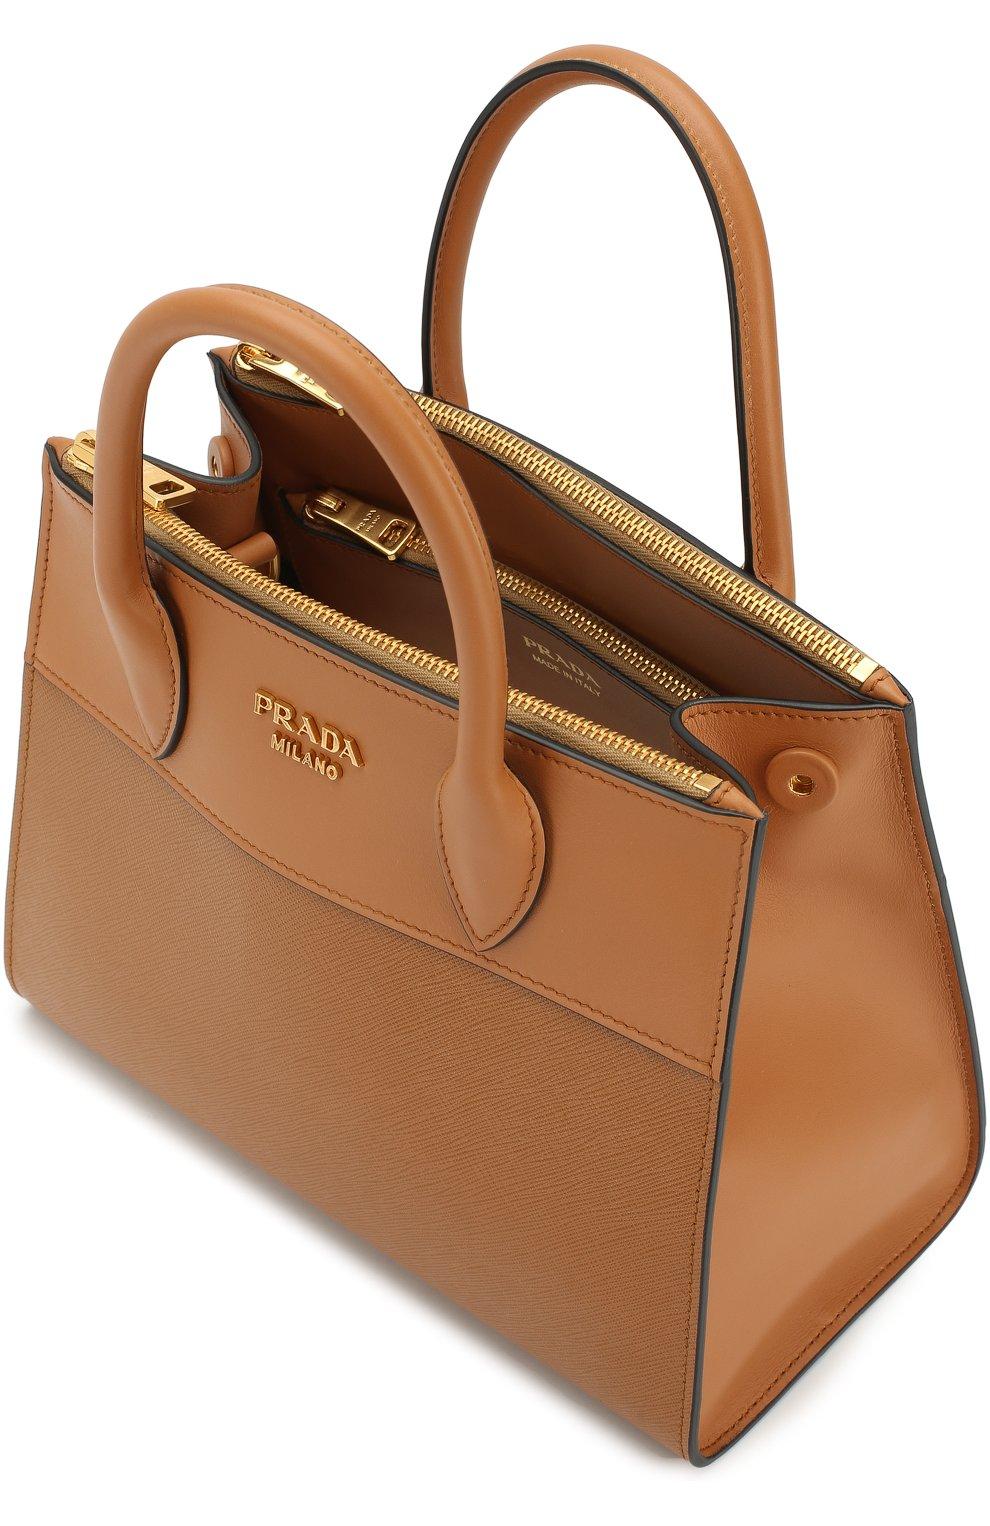 e7568f4e681e Женская сумка-тоут paradigme PRADA коричневая цвета — купить за ...